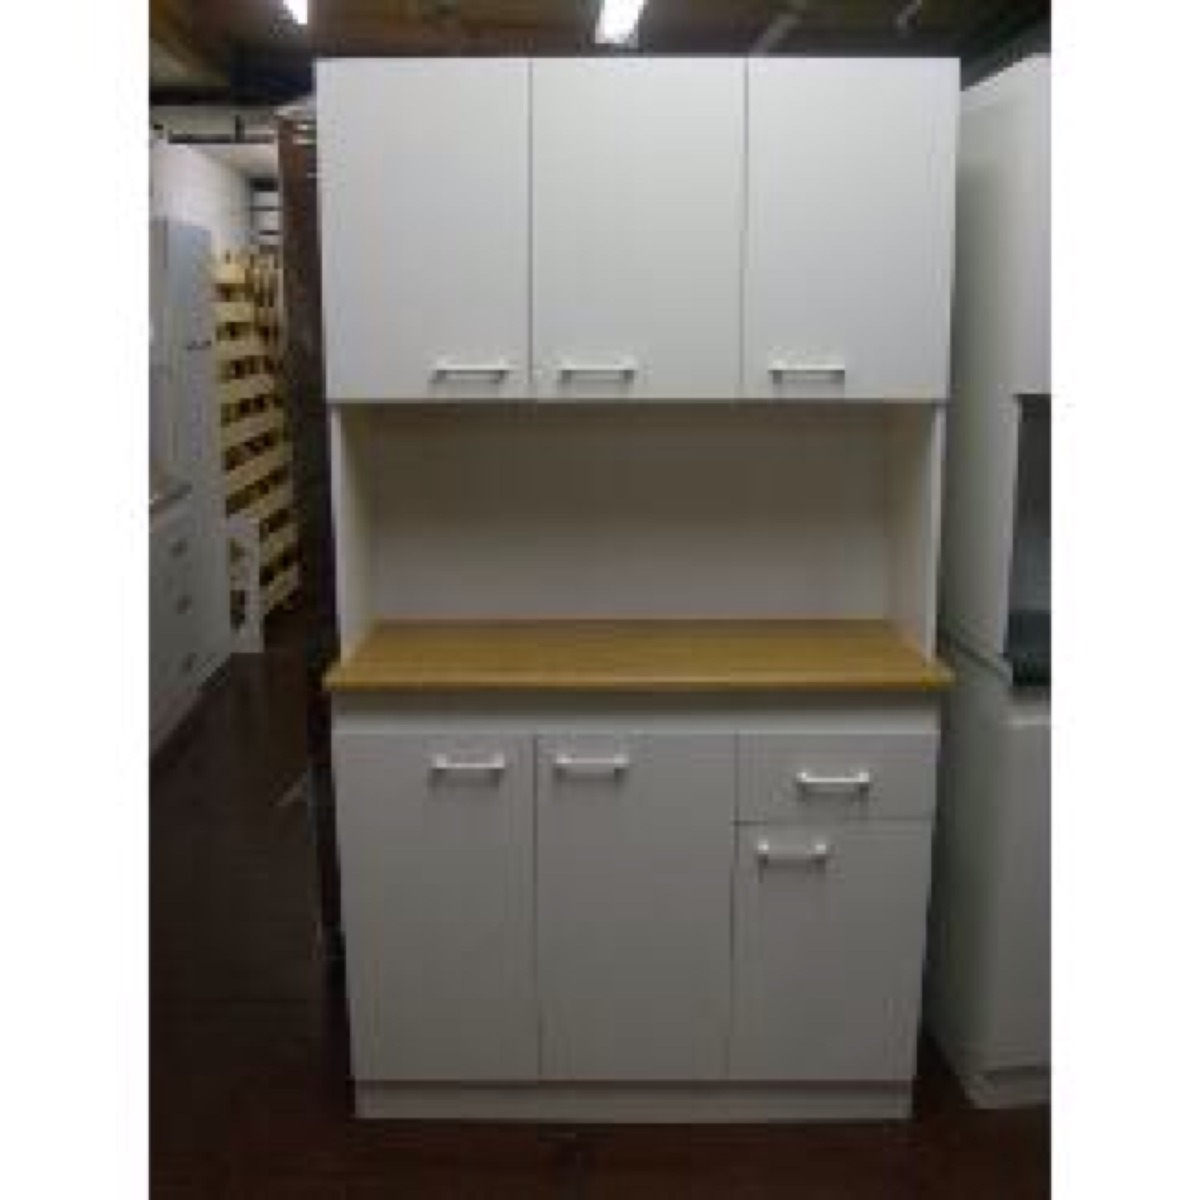 Mueble cocina compacto en mercado libre - Mueble rinconera cocina ...